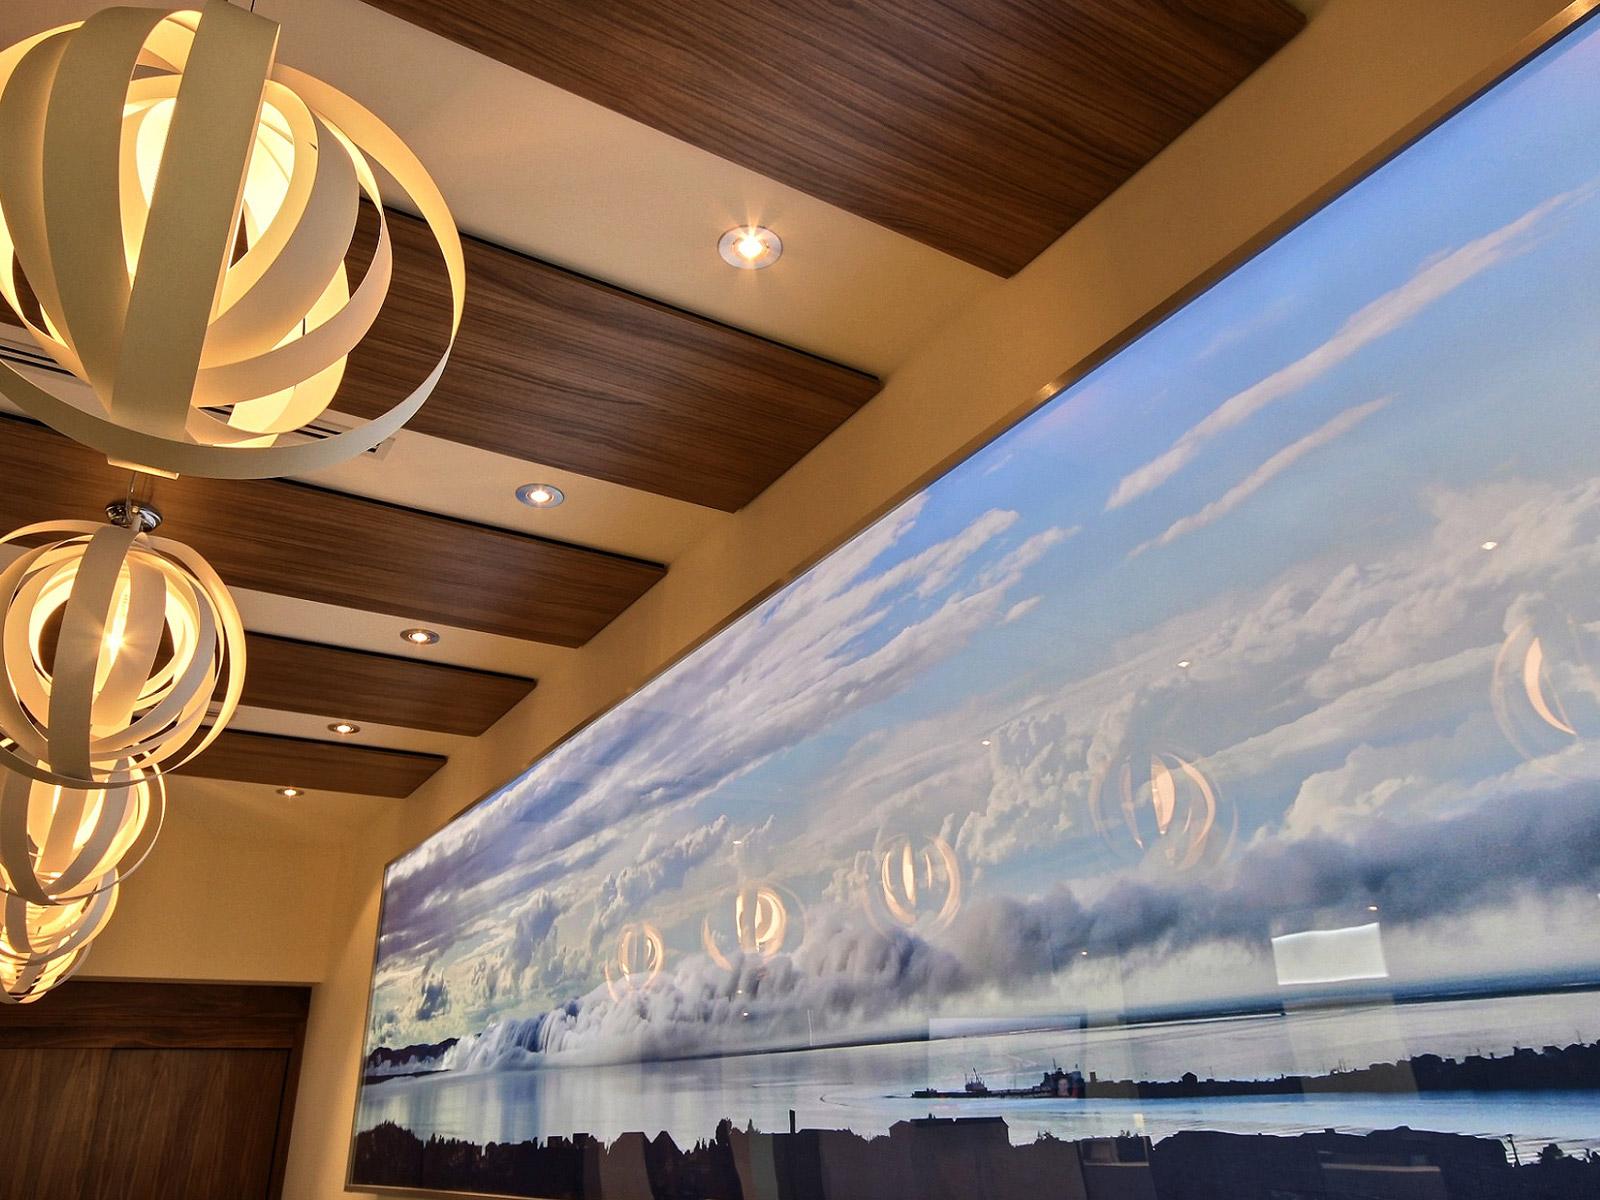 Décoration et luminaire salle d'attente dentiste